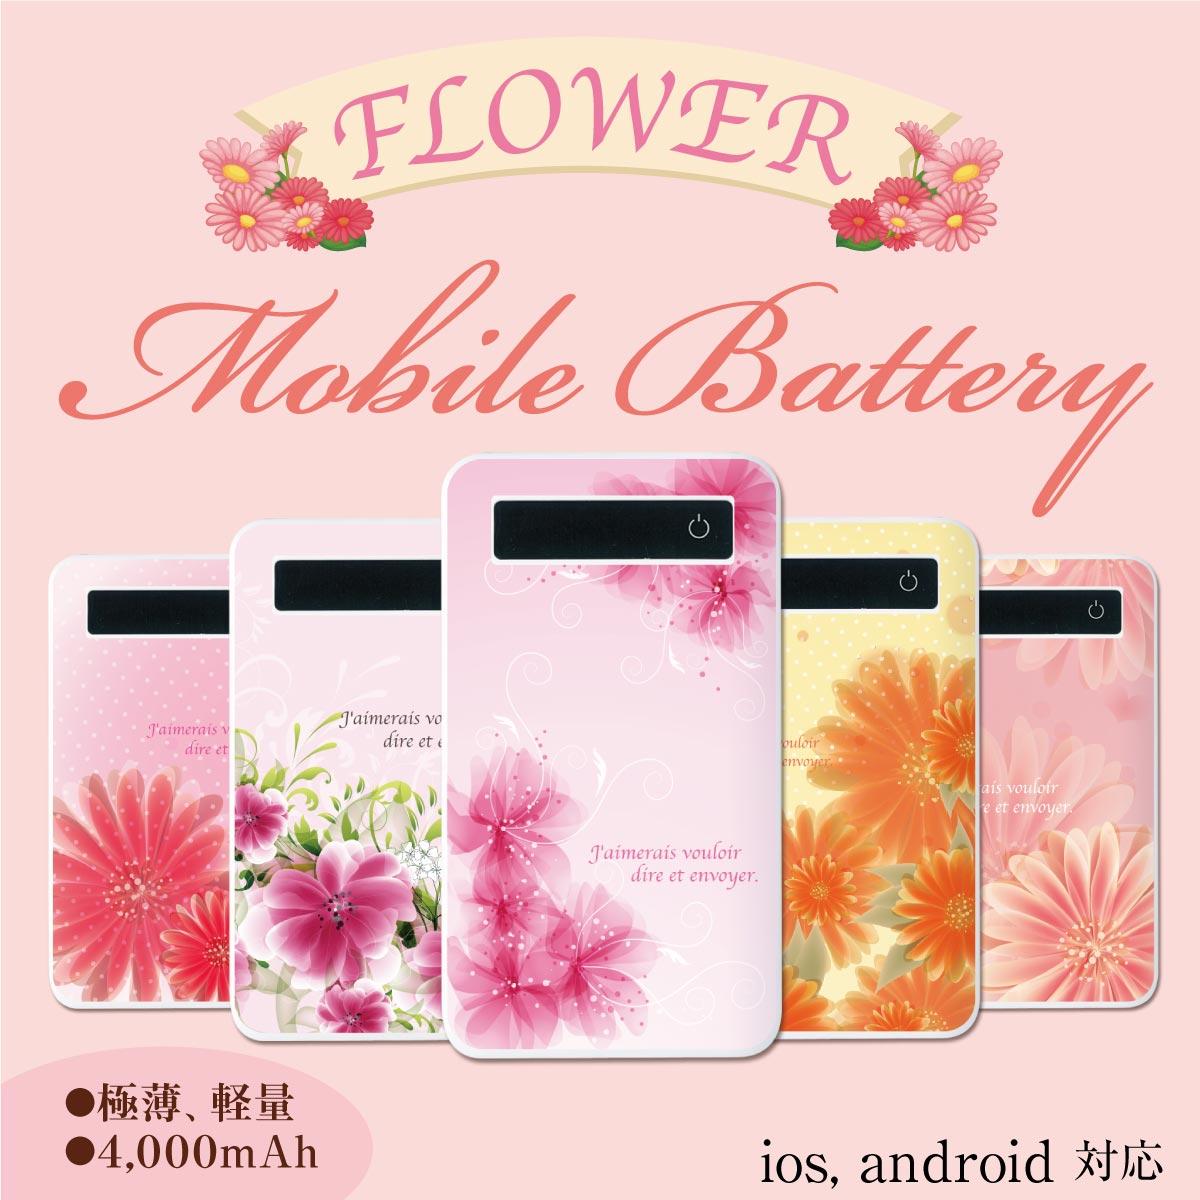 モバイルバッテリー 極薄 軽量 iPhone6 plus iPhone6s android スマホ 充電器 スマートフォン モバイル バッテリー 携帯充電器 充電 花柄 bt-009-s